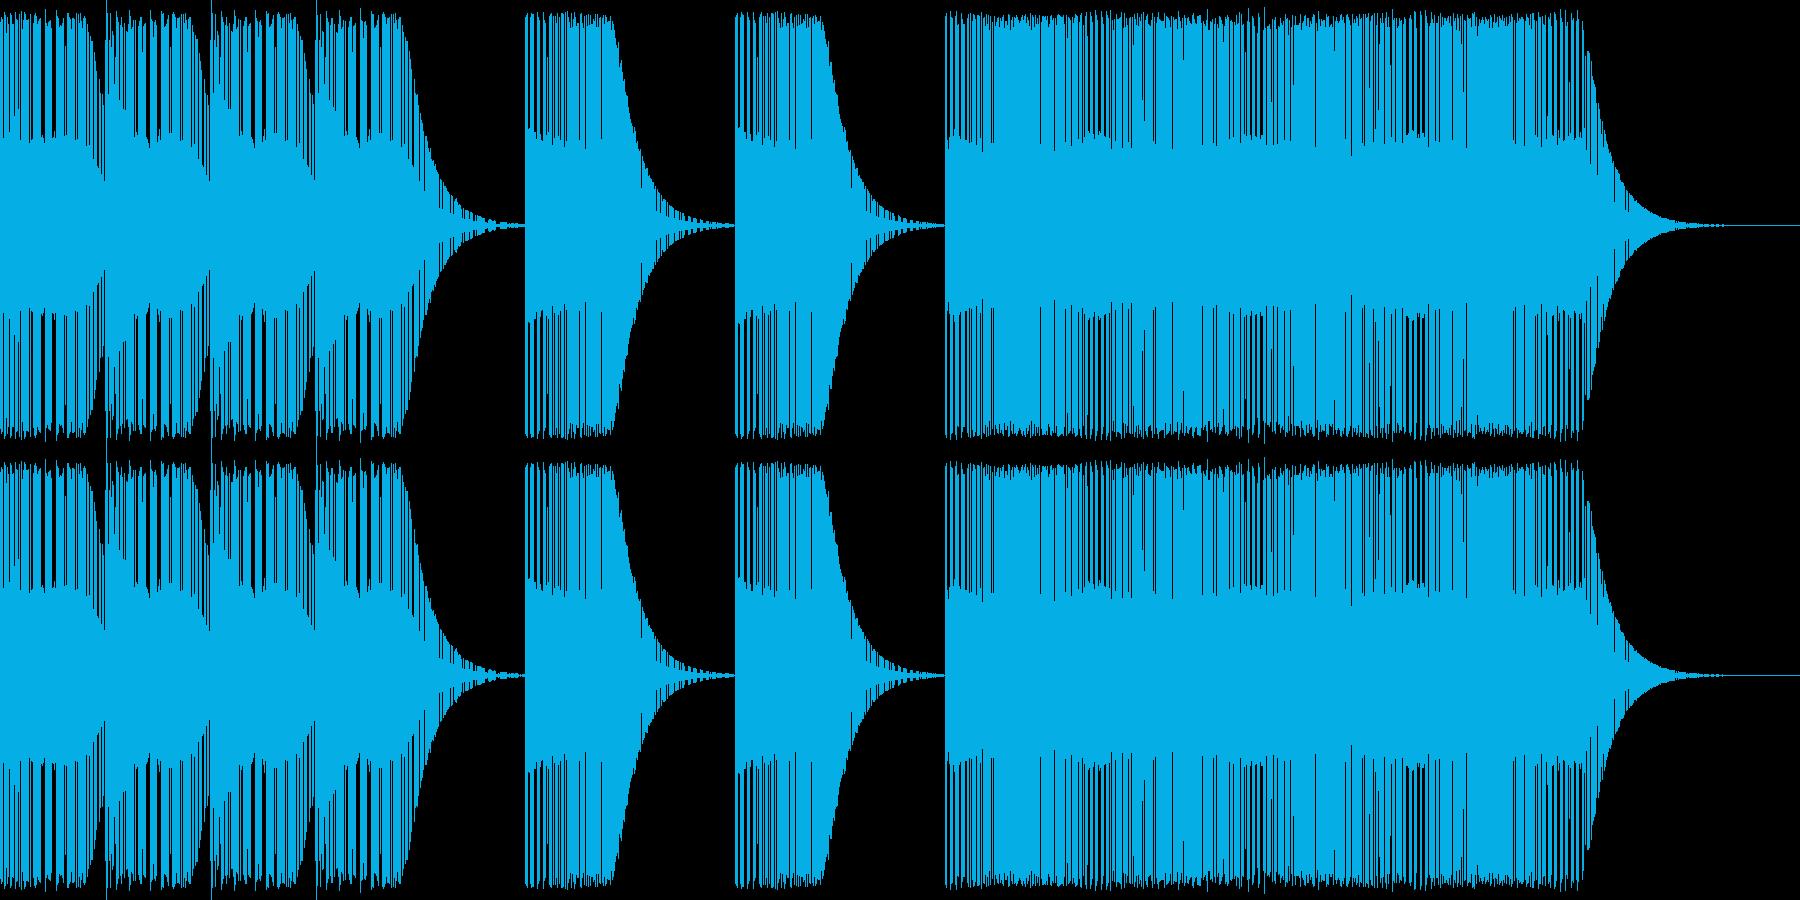 レトロゲームレベルアップ風ジングルの再生済みの波形